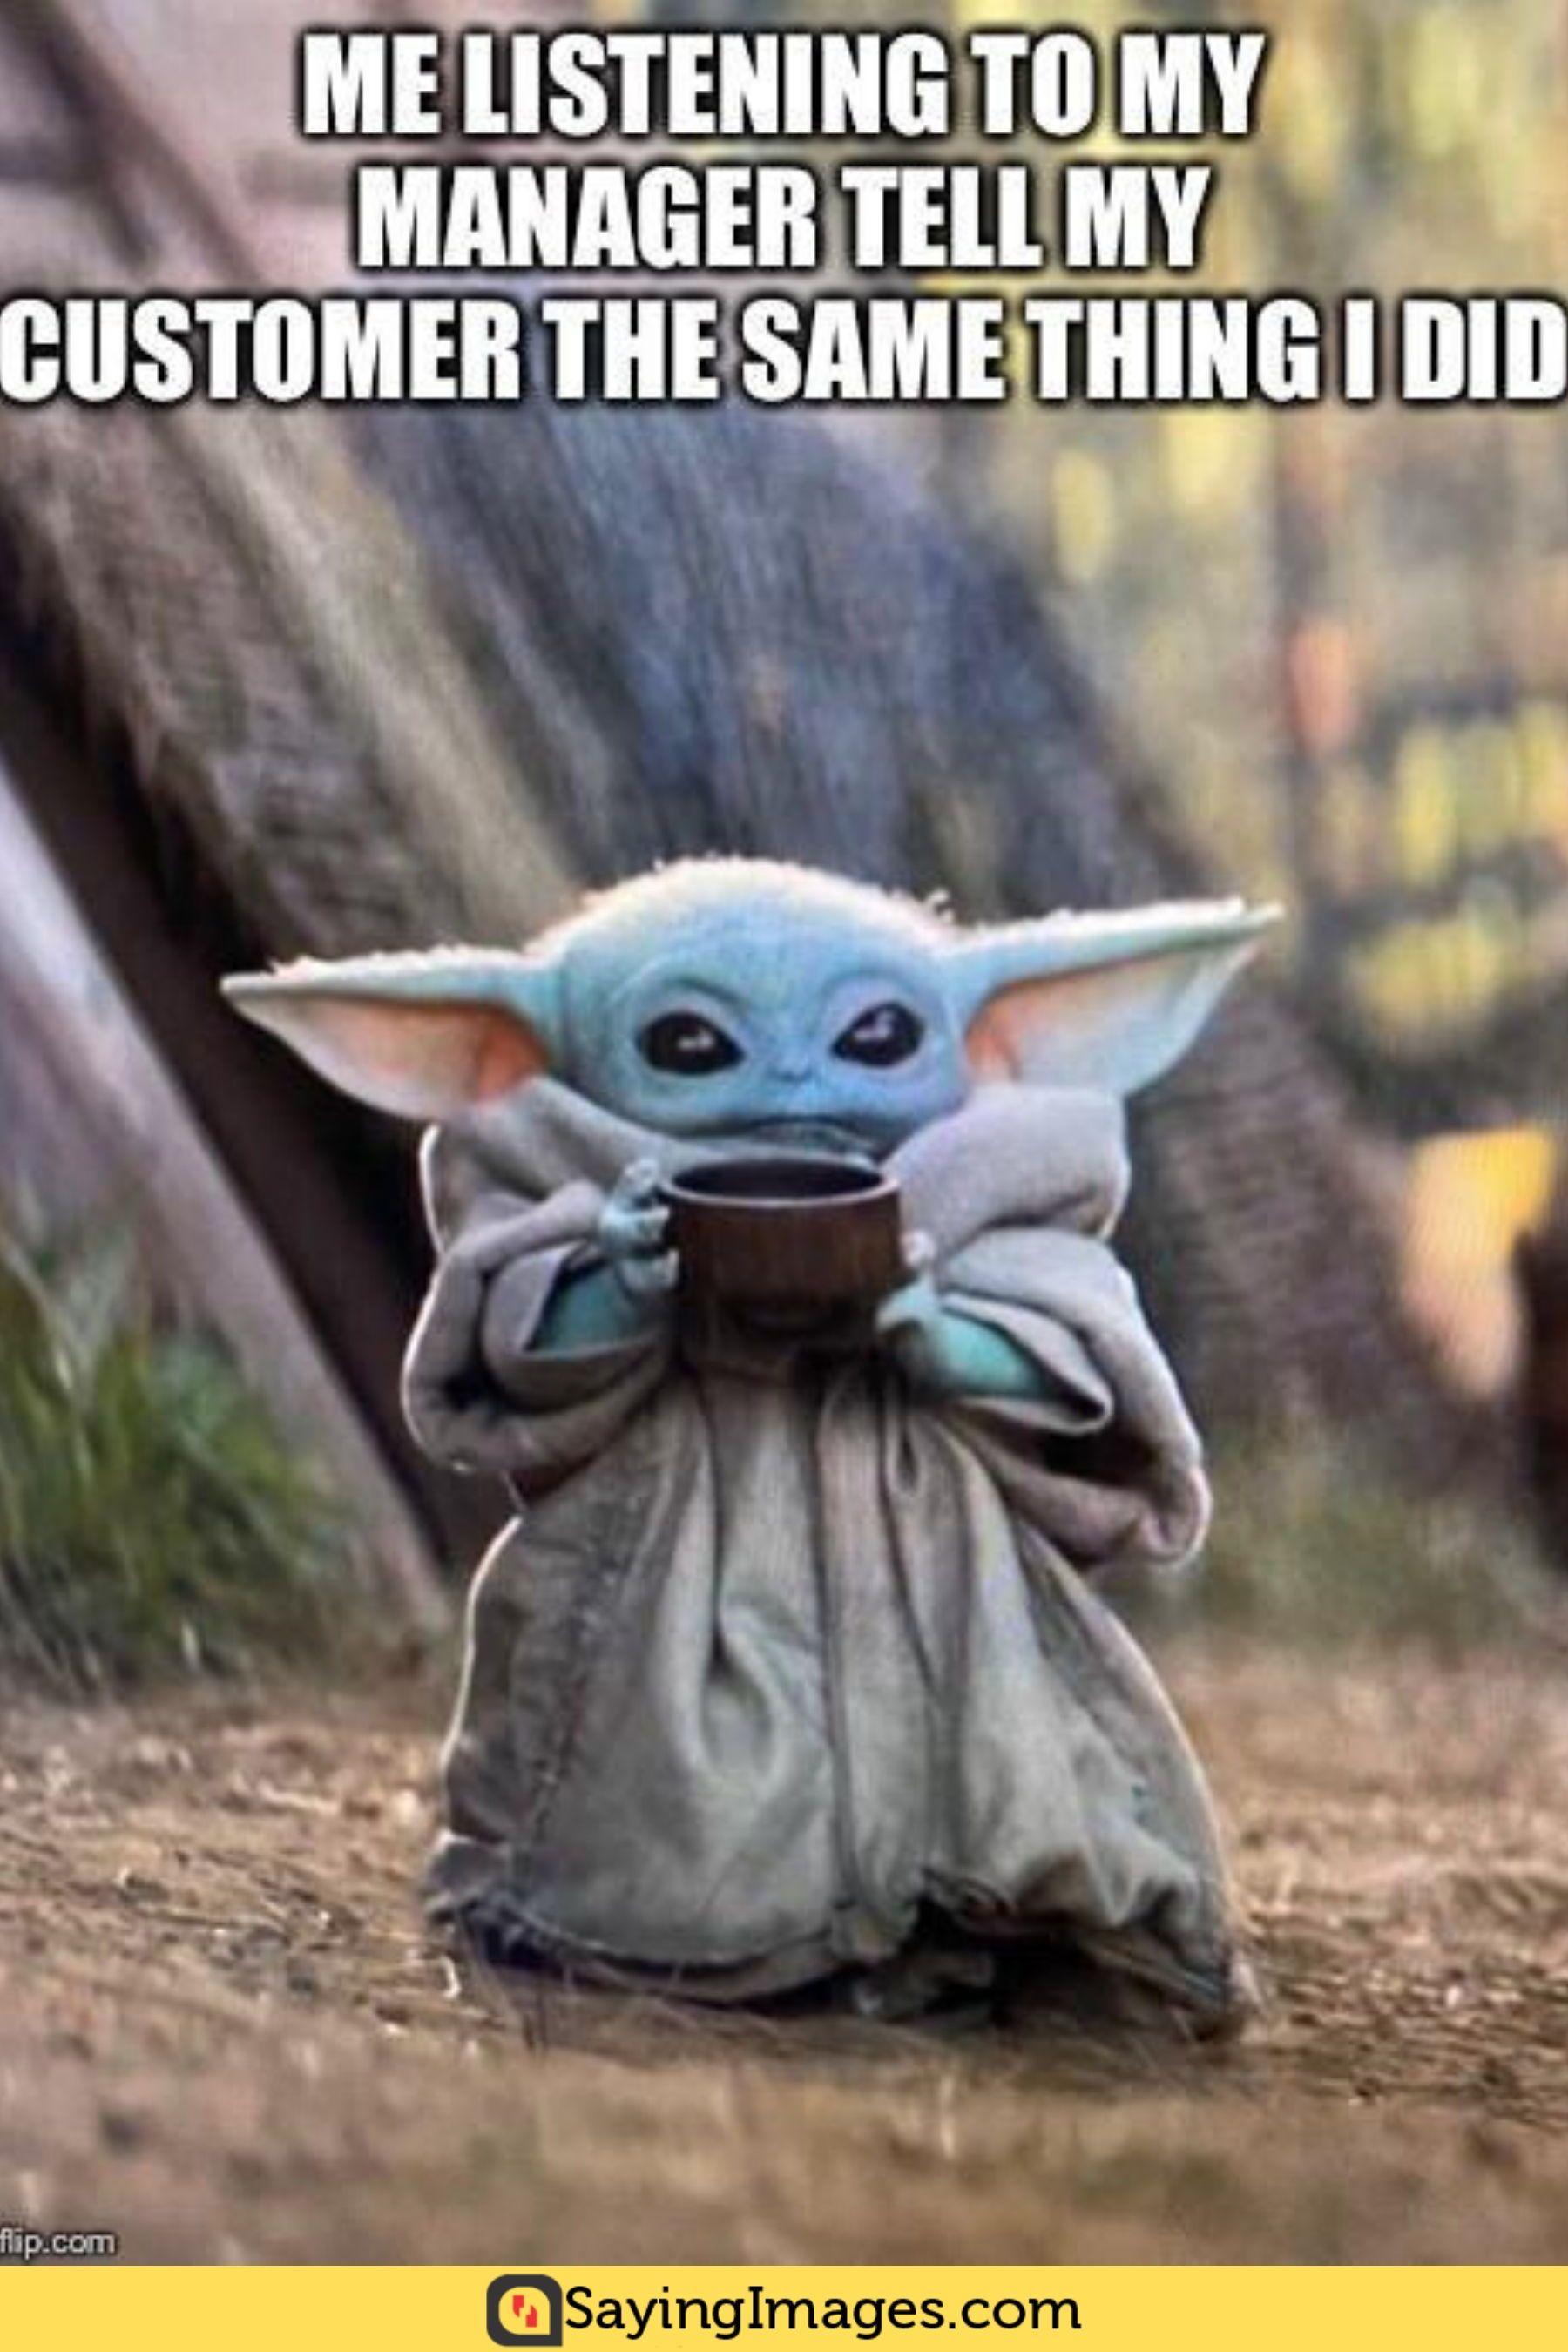 25 Super Adorable Baby Yoda Memes Yoda meme, Funny